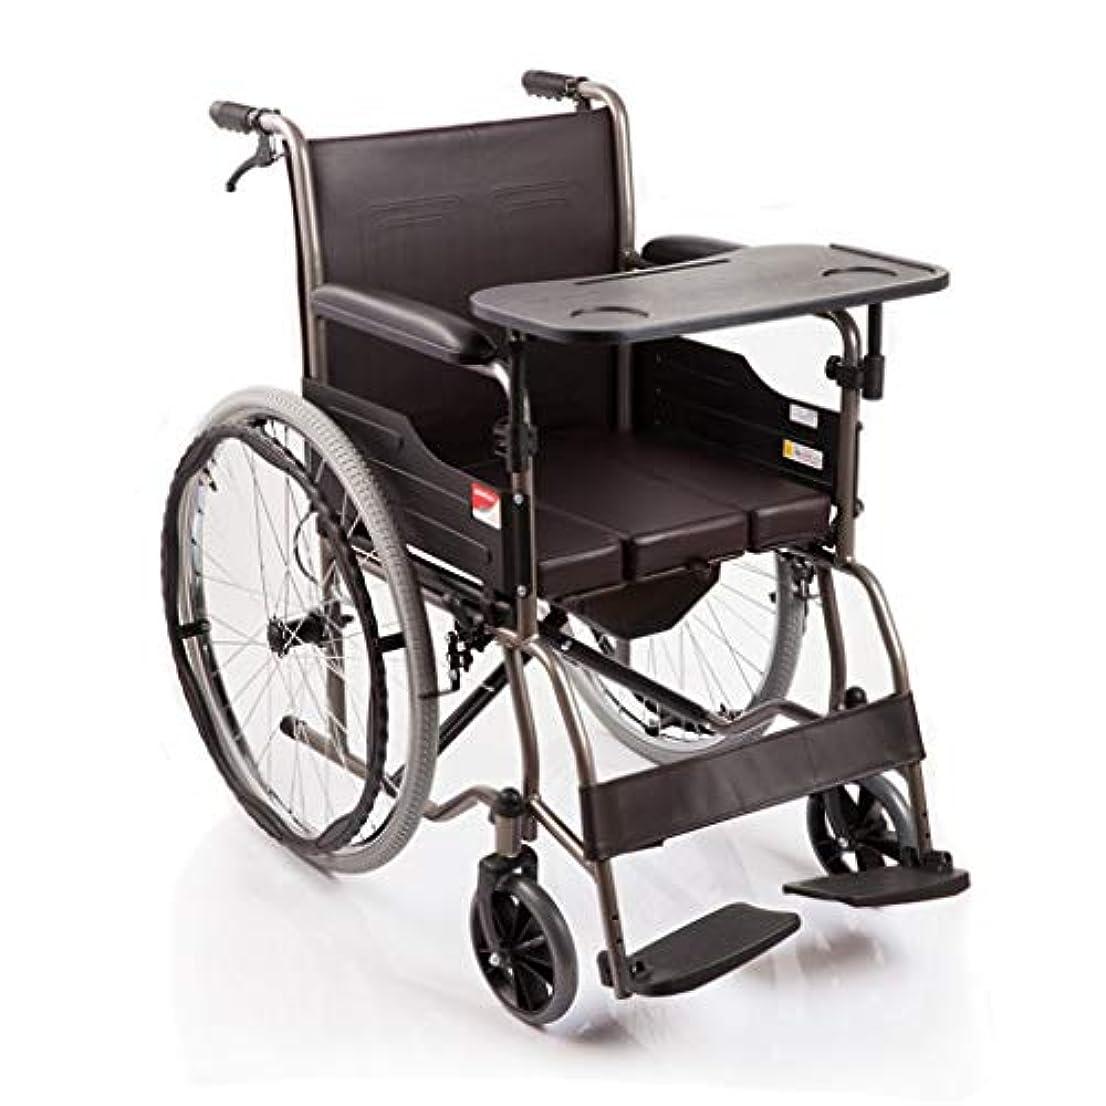 ホップ破壊的な定数手動車椅子シミュレーションレザーシートクッション、多機能車椅子、高齢者用屋外折りたたみ式トイレデザイン車椅子